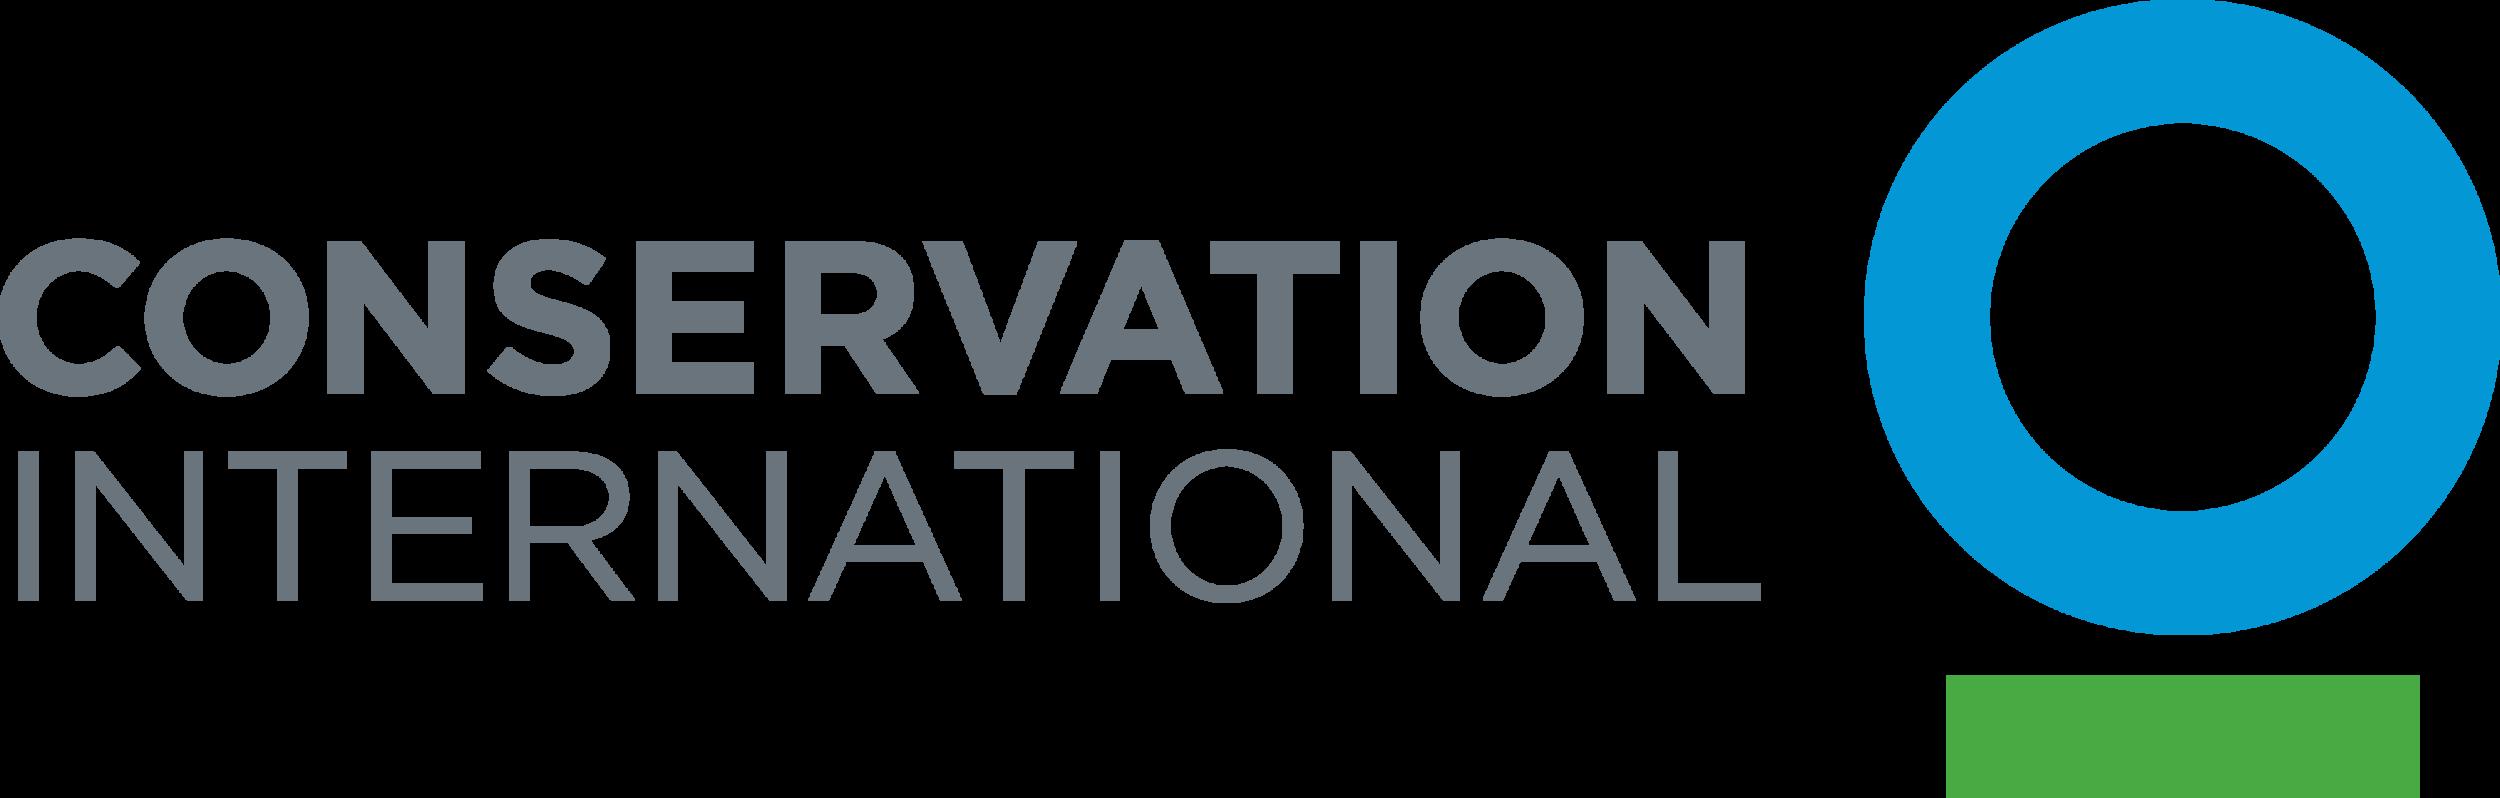 Conservation International Standard Logo.png